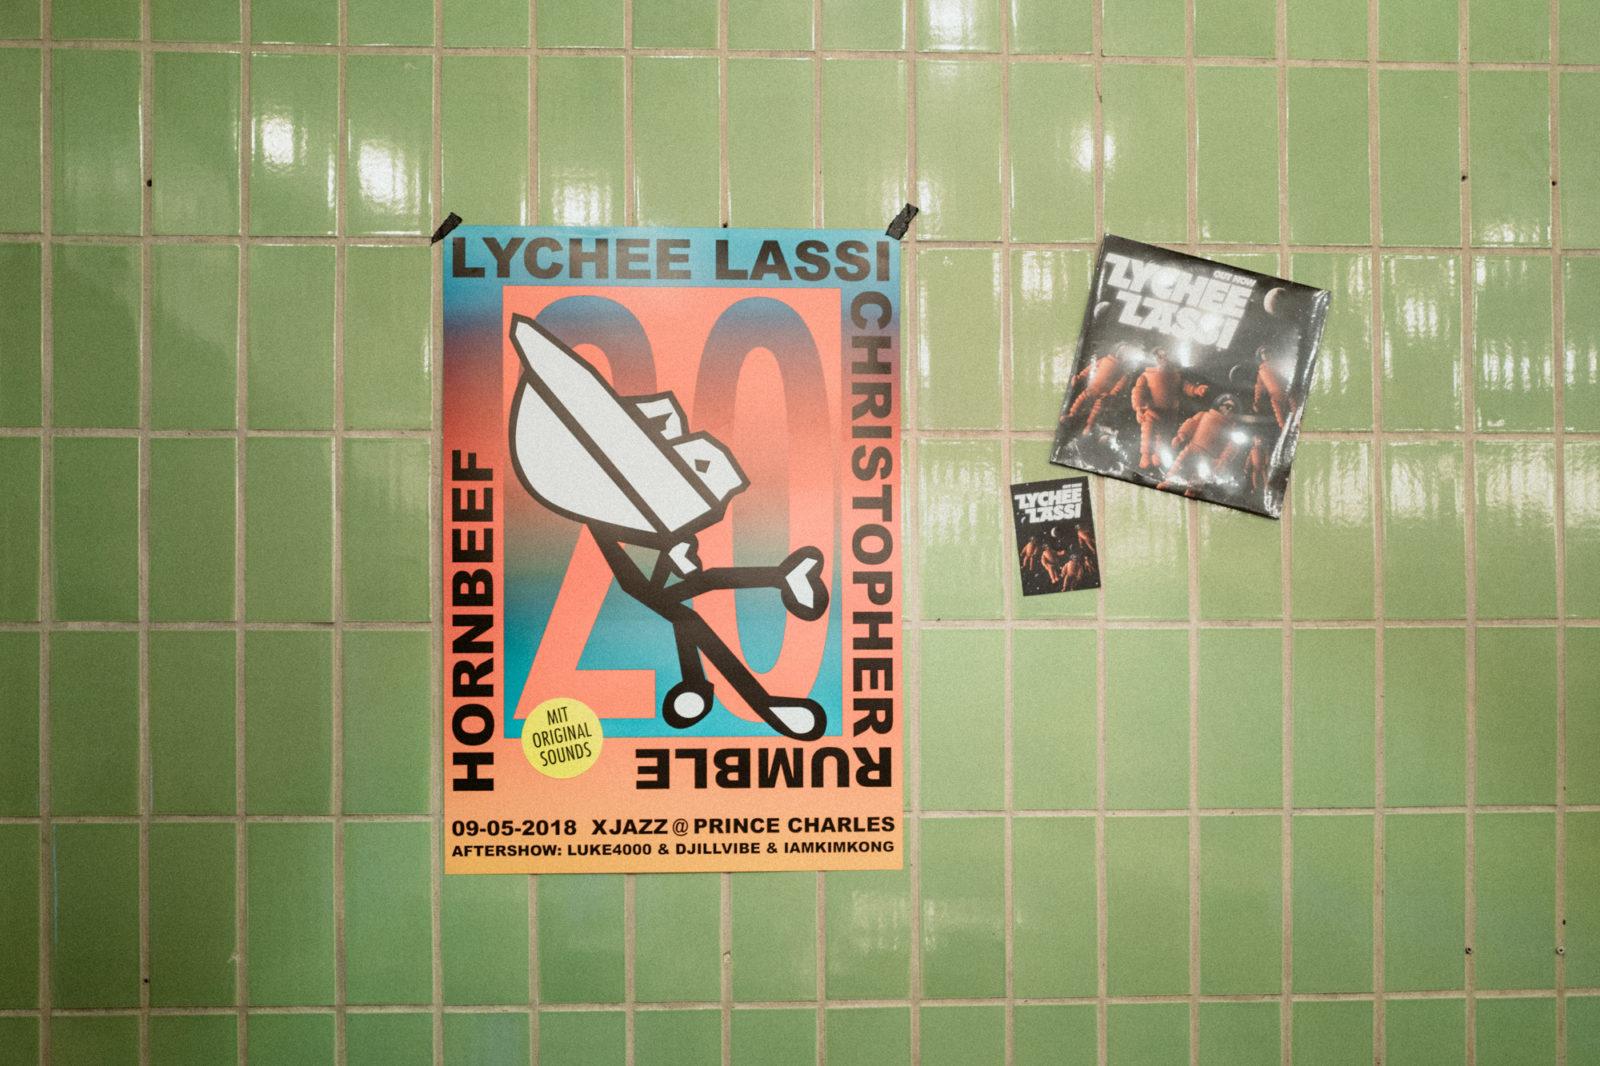 Lychee 1-1170561